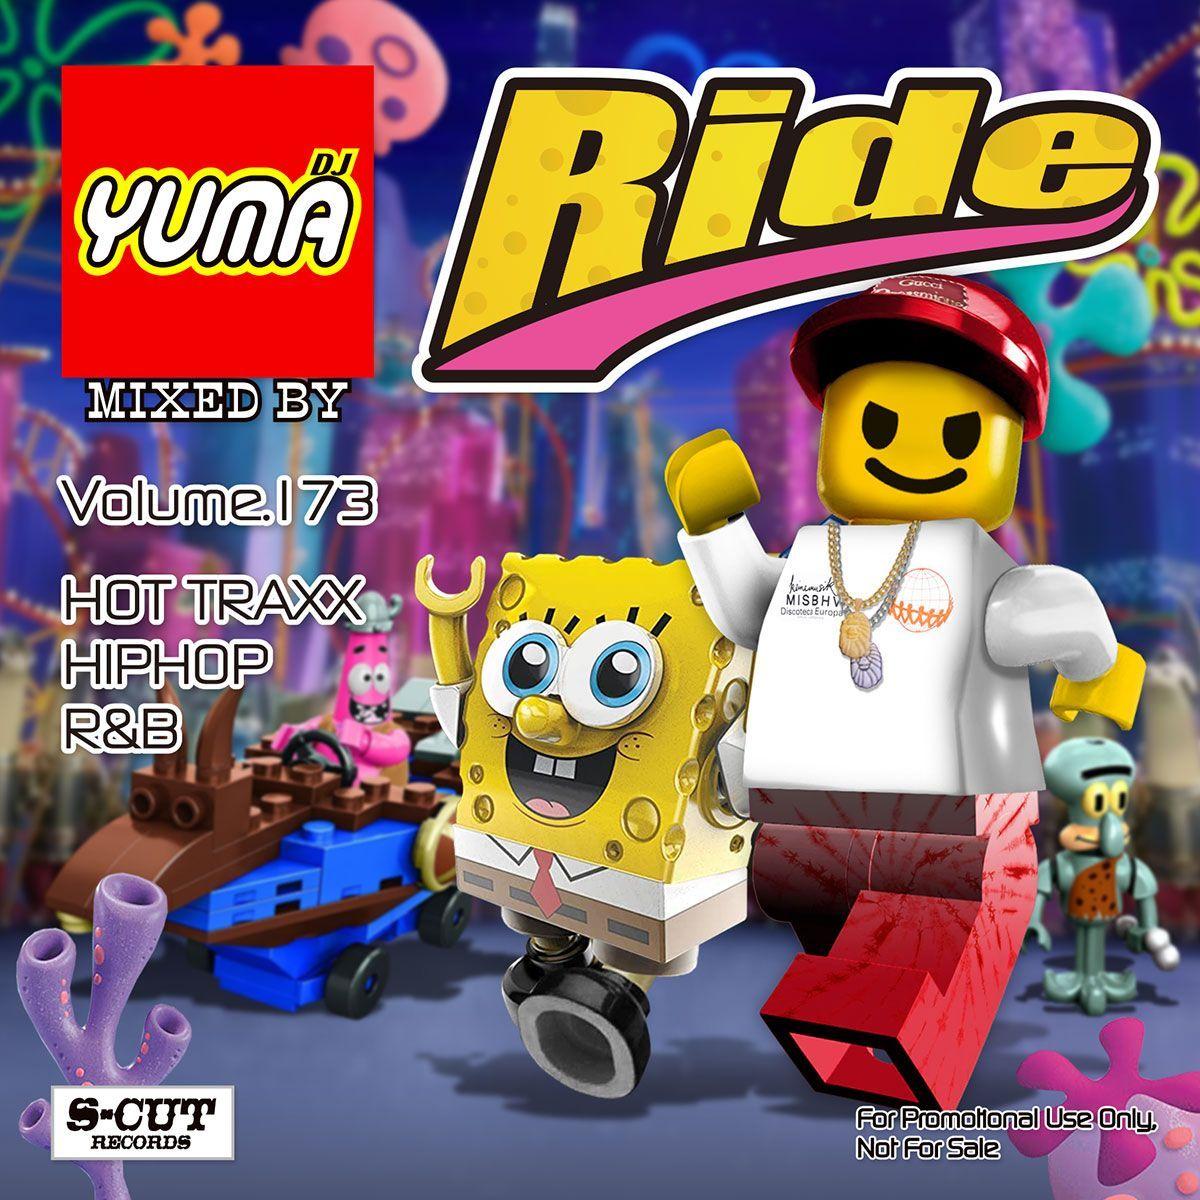 ヒップホップ R&B 新譜 DJユーマ 2021 1月発売Ride Vol.173 / DJ Yuma